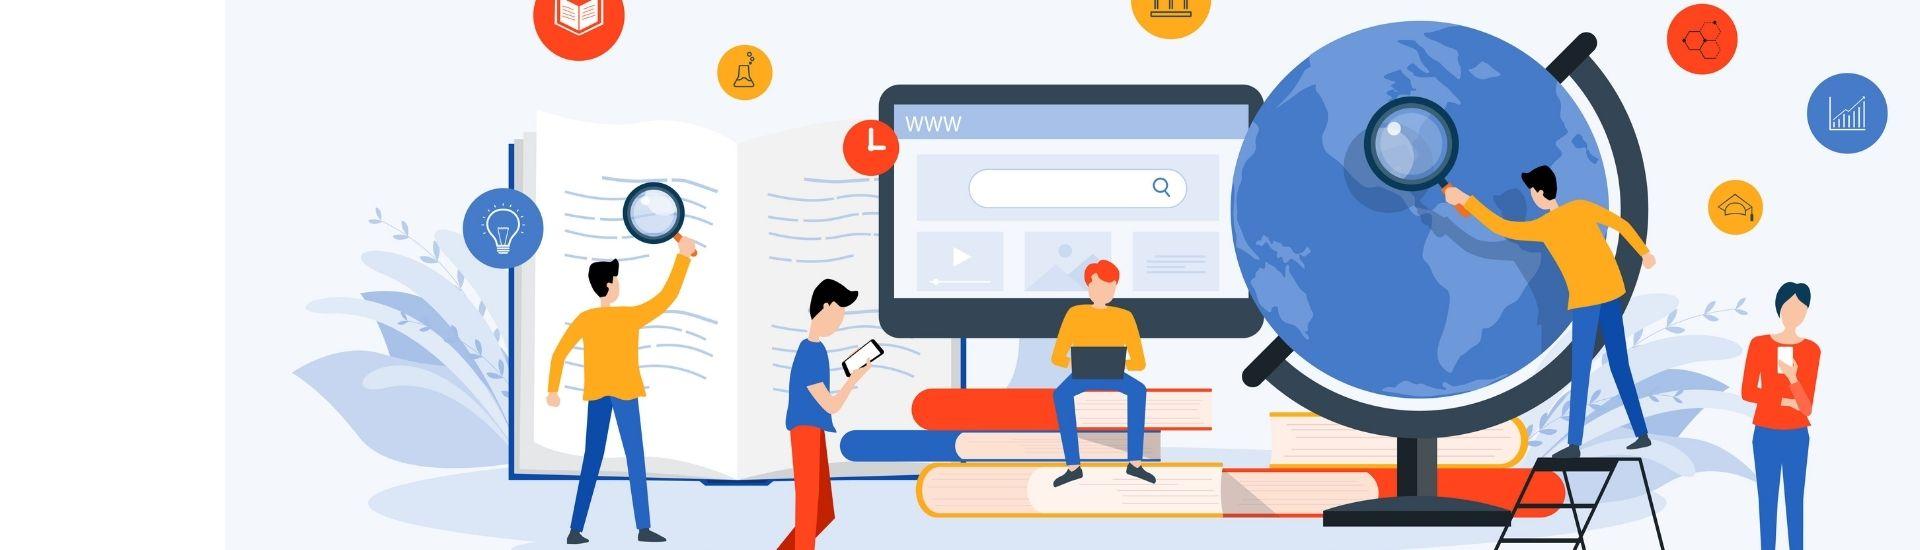 Ilustración de profesores y estudiantes alrededor de libros, computadores y un mapamundi gigante, para representar el nuevo paradigma educativo